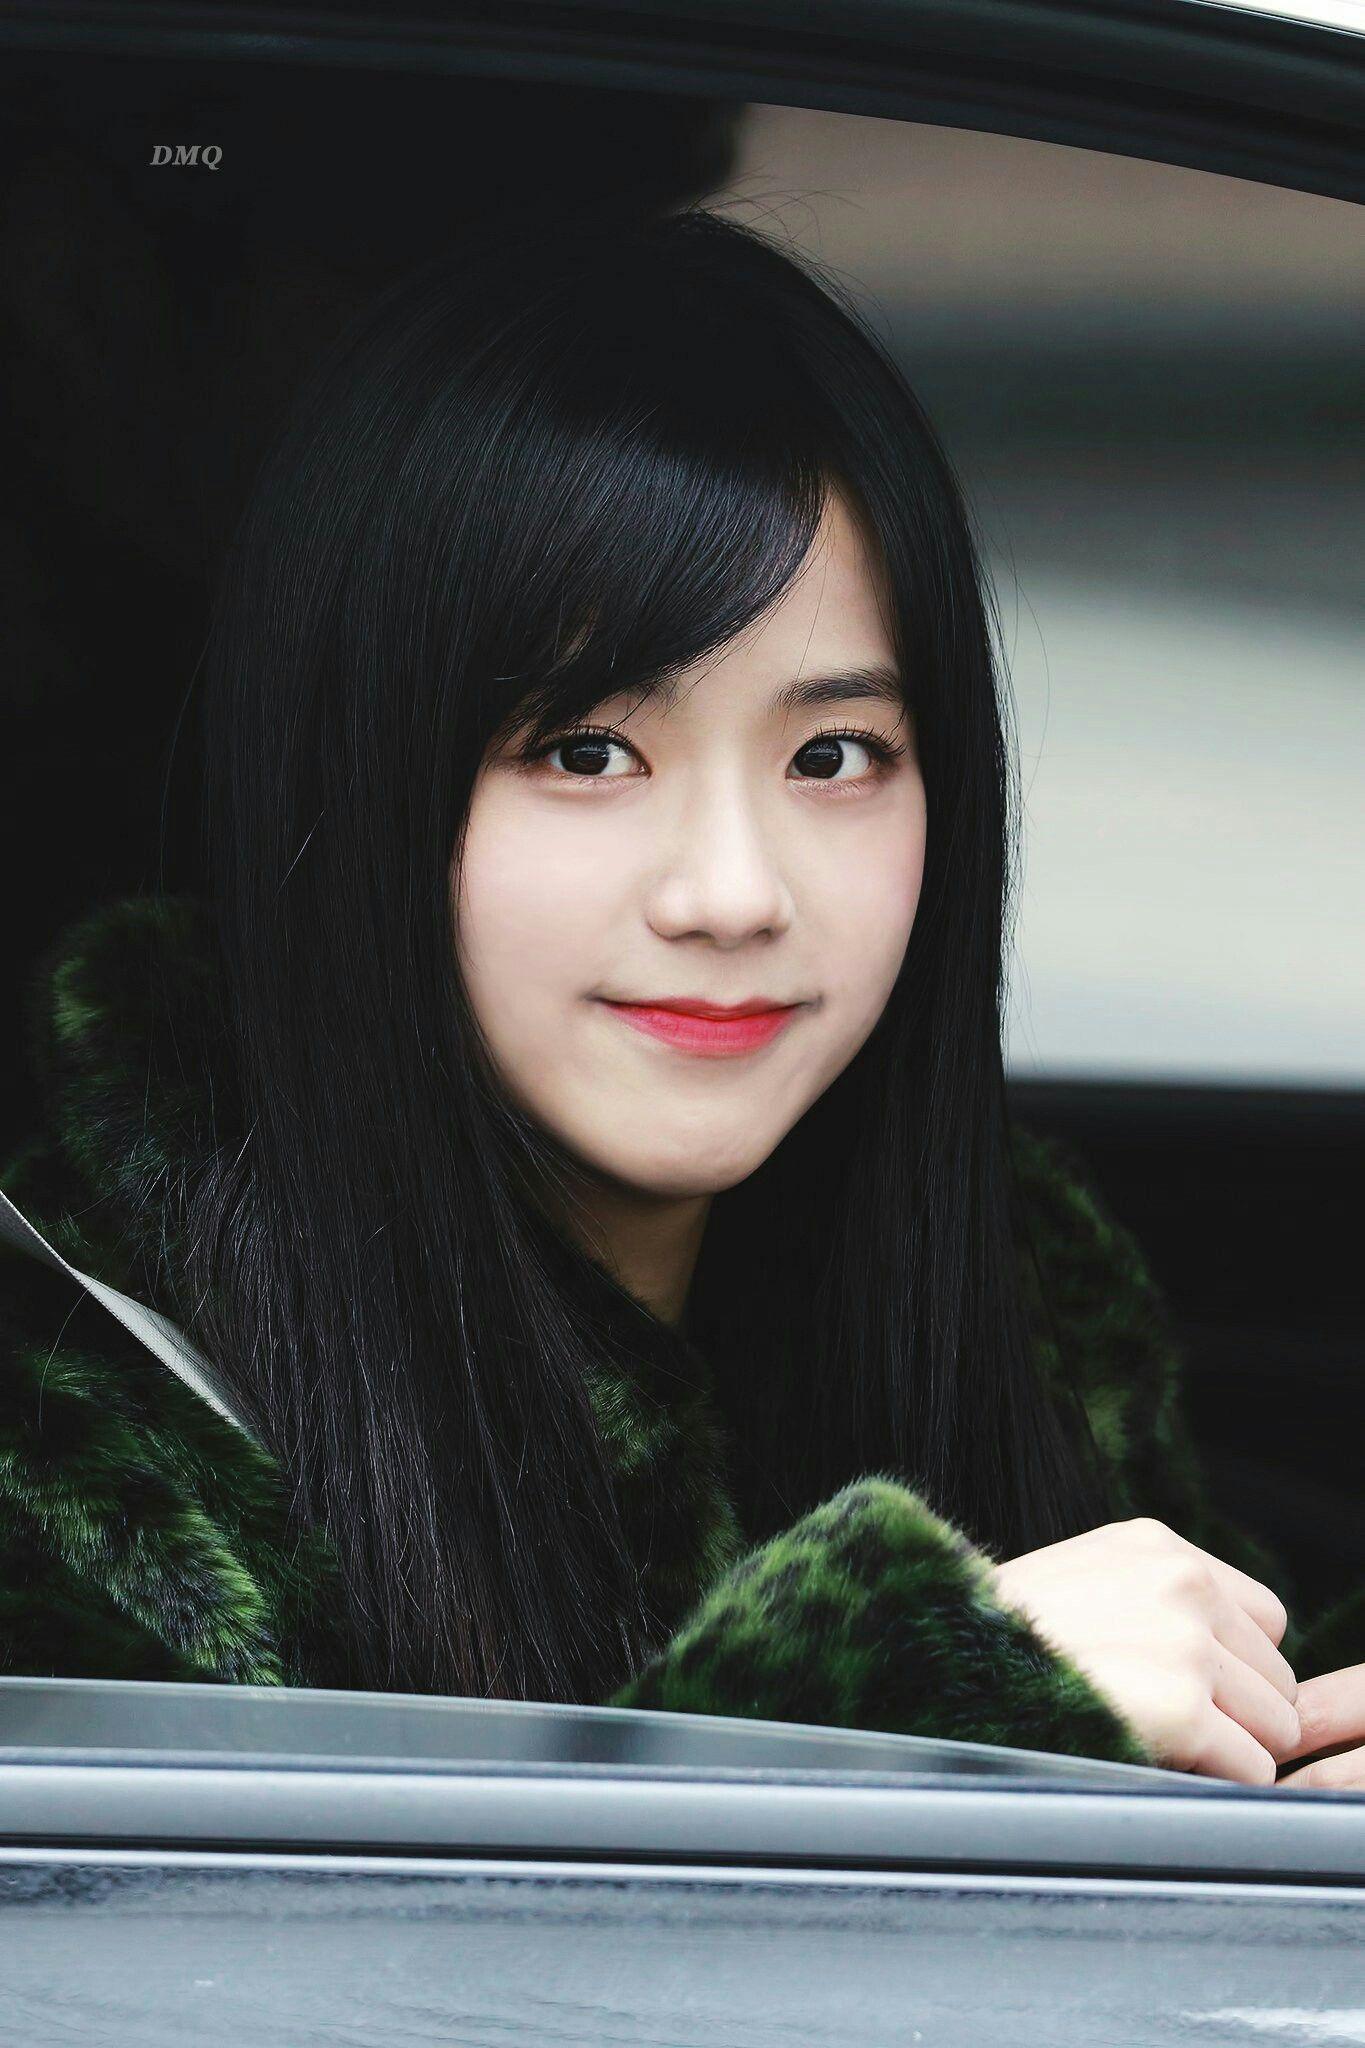 BXH idol nữ đẹp nhất ngoài đời do chính thần tượng bình chọn: Black Pink và Yoona xuất sắc, nhưng hạng 1 mới bất ngờ - Ảnh 12.